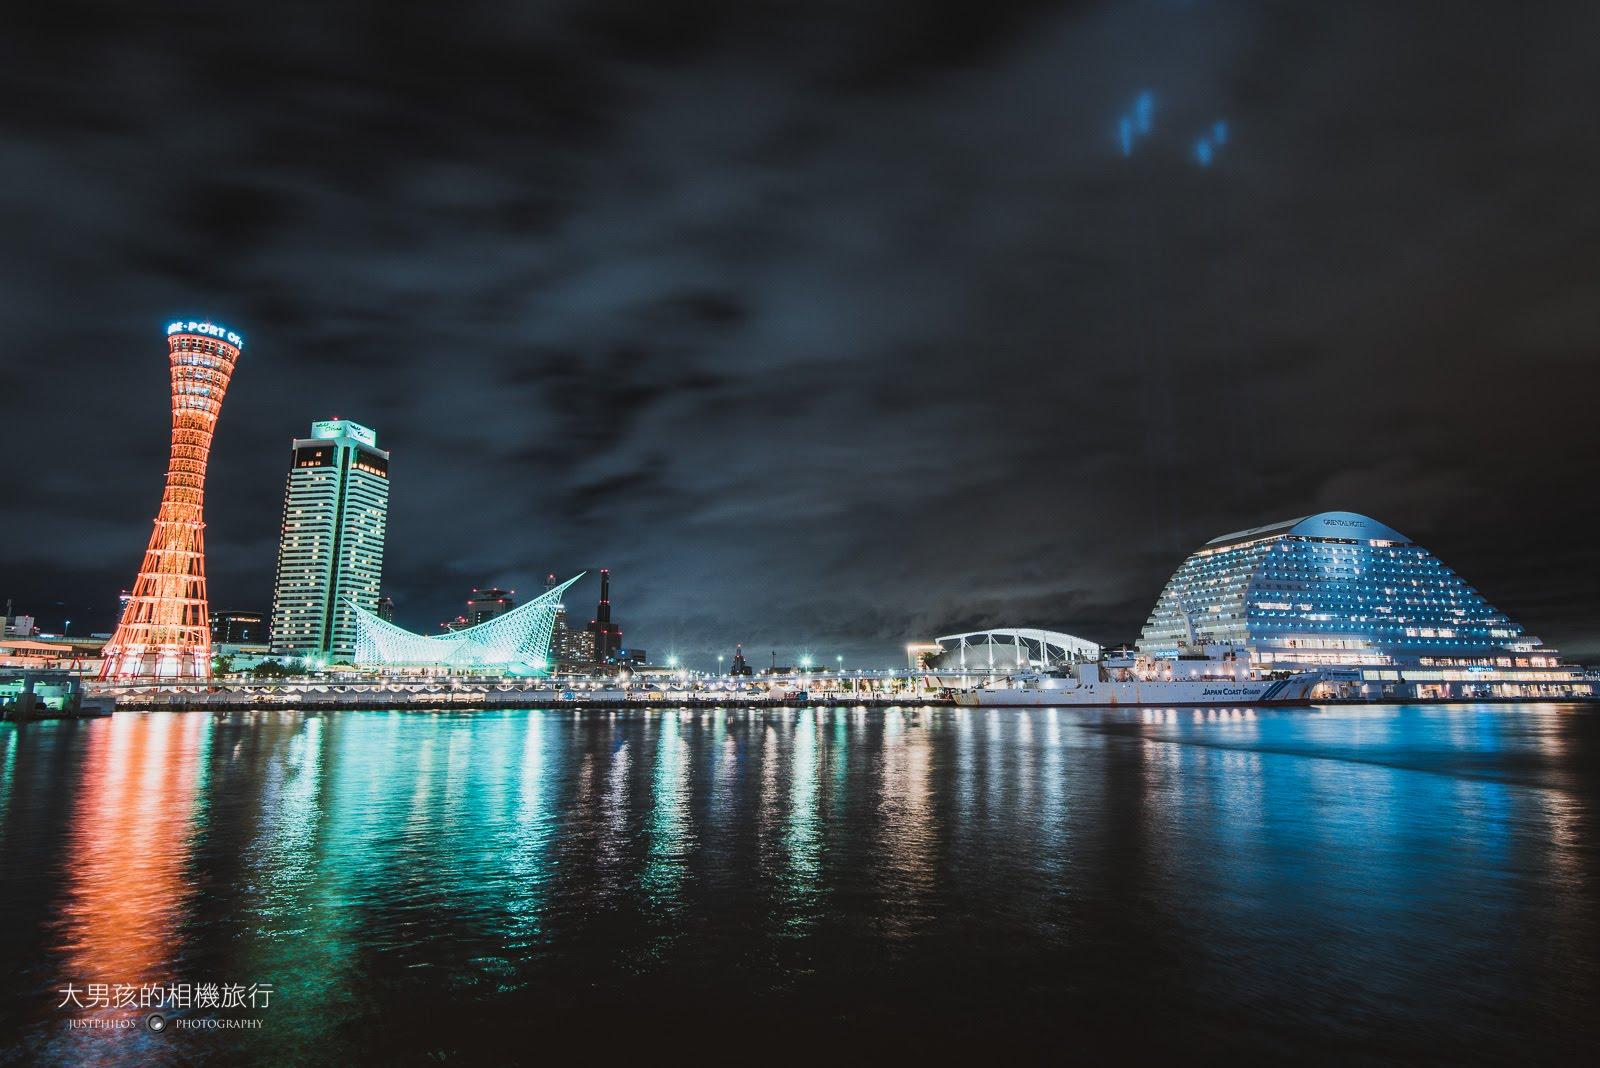 神戶港擁有絕佳的視野視野夜景,站在對岸可欣賞絕佳的倒影。